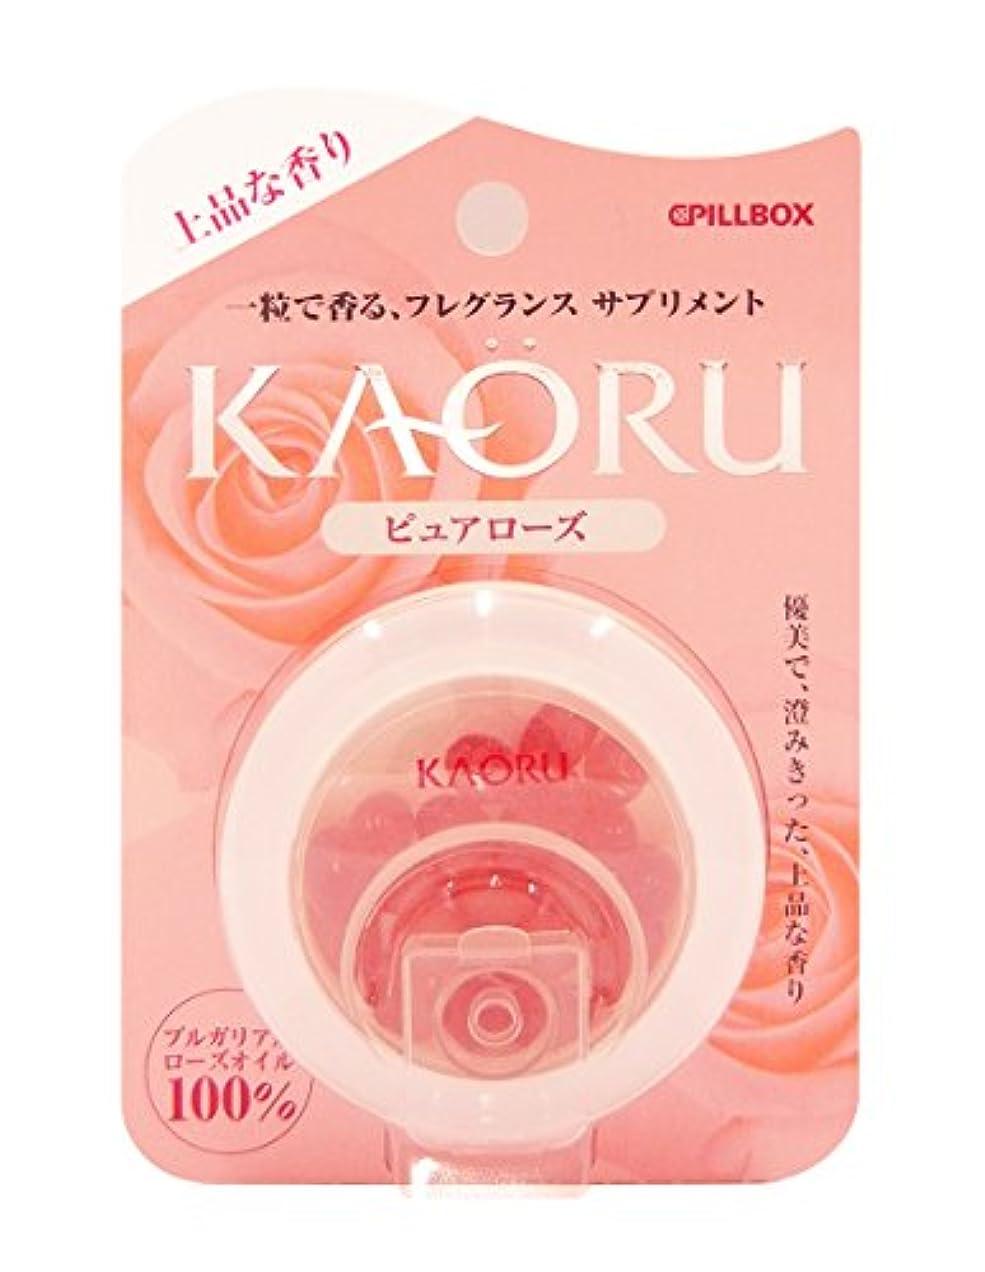 豊富な静脈にぎやかフレグランスサプリメント KAORU (ピュアローズ)